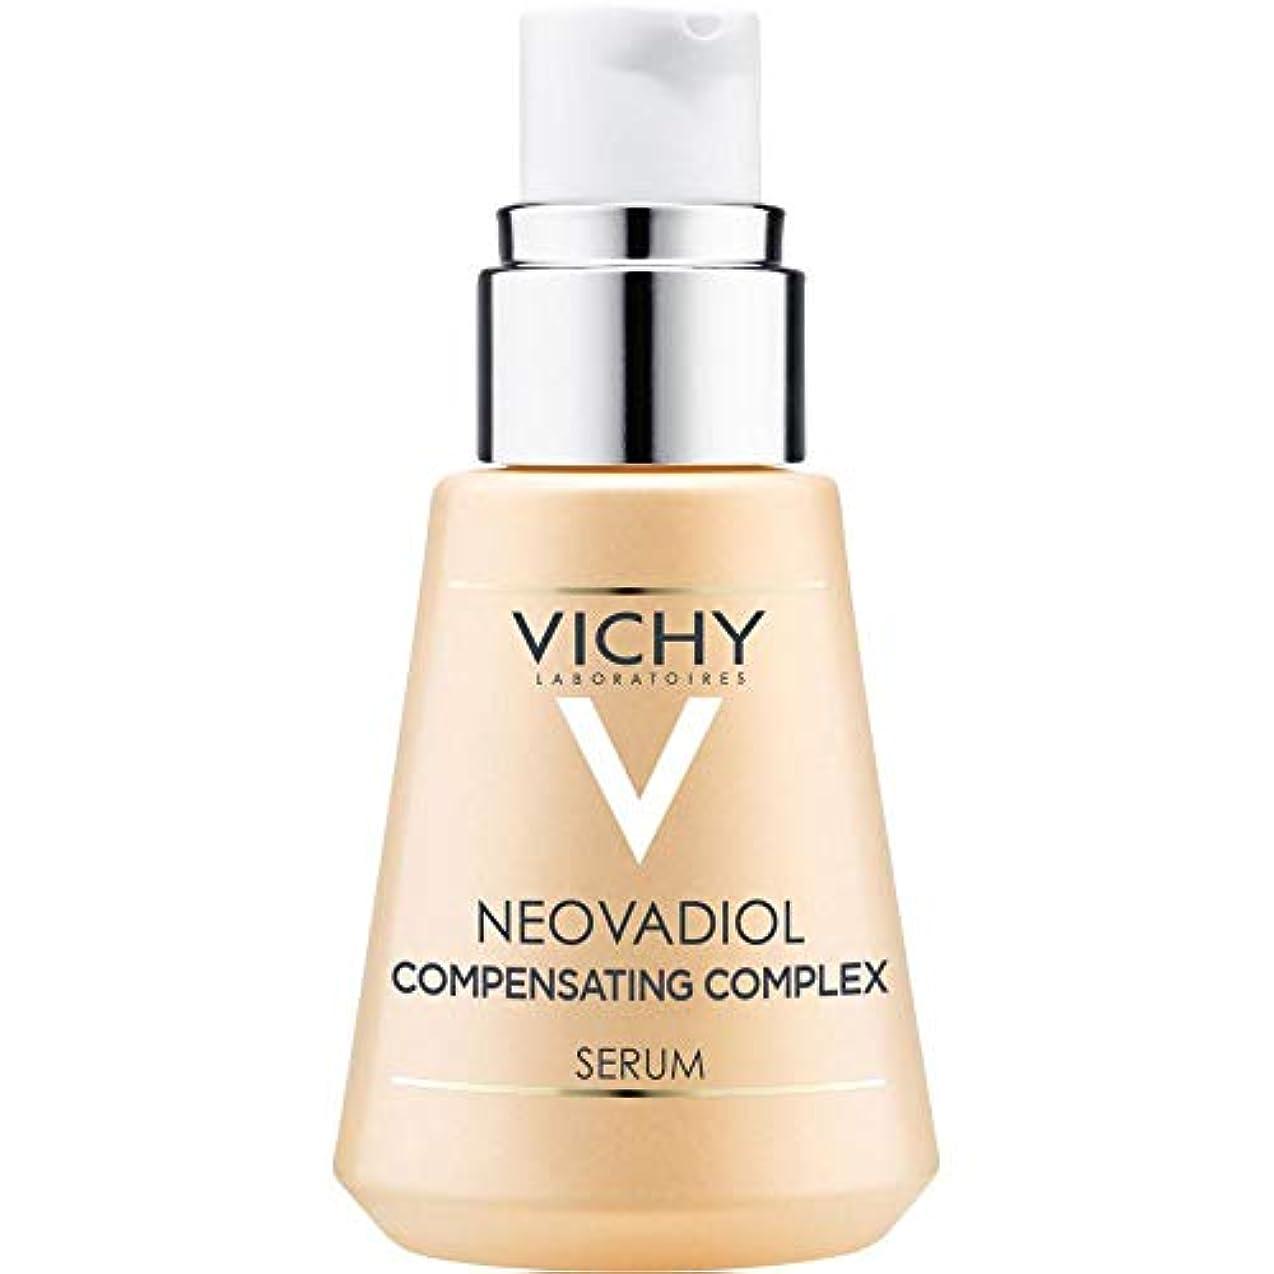 二十過度に本物の[Vichy] 複雑なセラム30Mlを補償Neovadiolヴィシー - Vichy Neovadiol Compensating Complex Serum 30ml [並行輸入品]